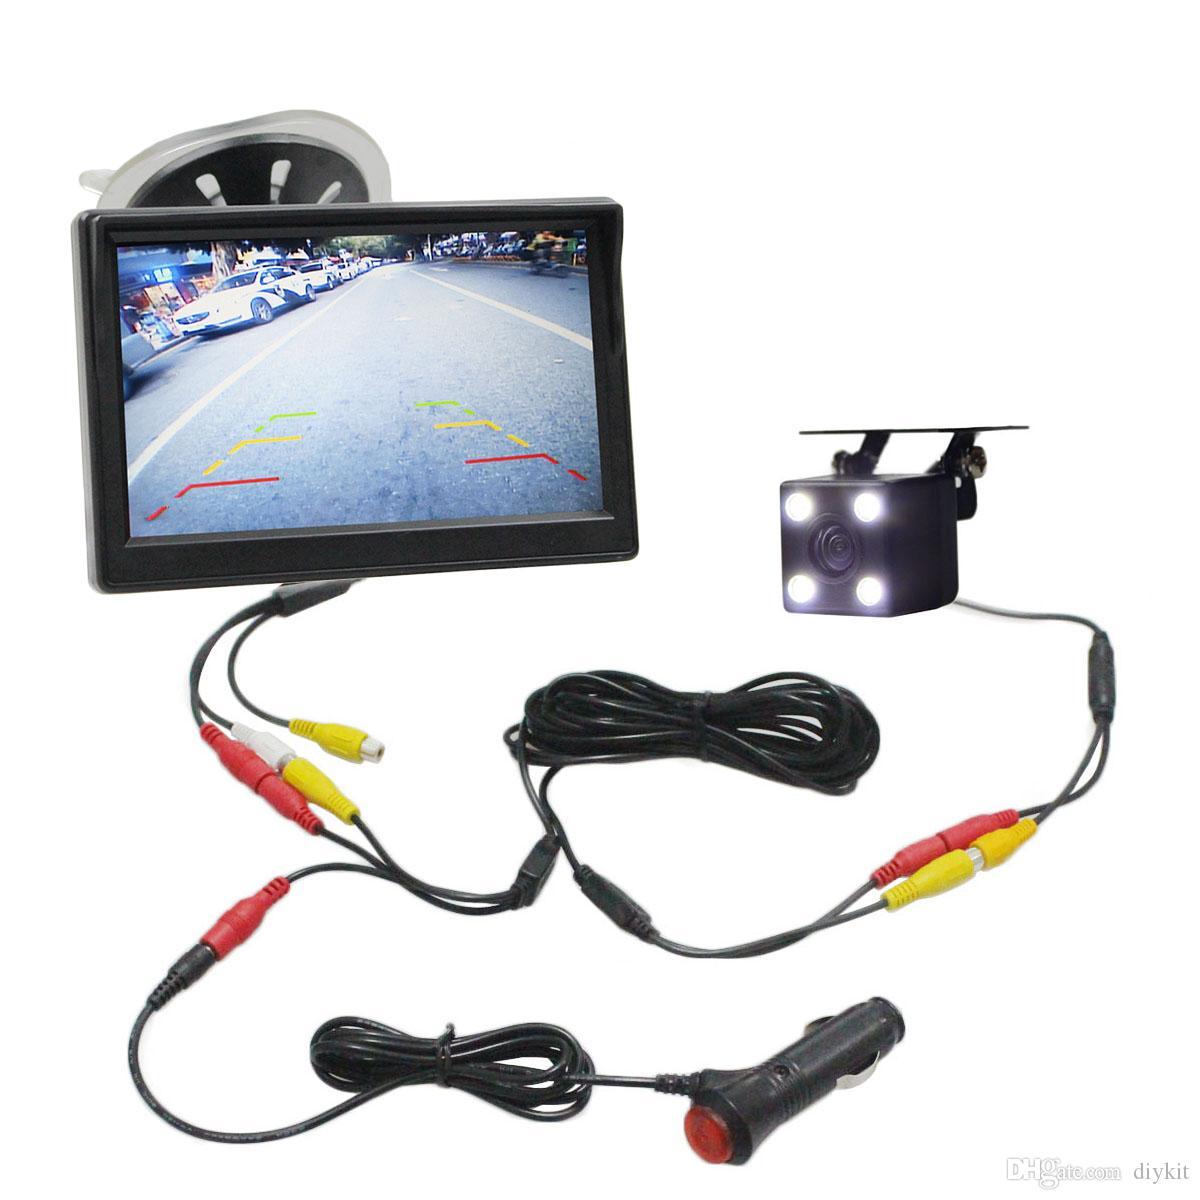 DIYKIT 5 인치 자동차 모니터 방수 역방향 LED 나이트 비전 컬러 후면보기 자동차 카메라 주차 지원 시스템